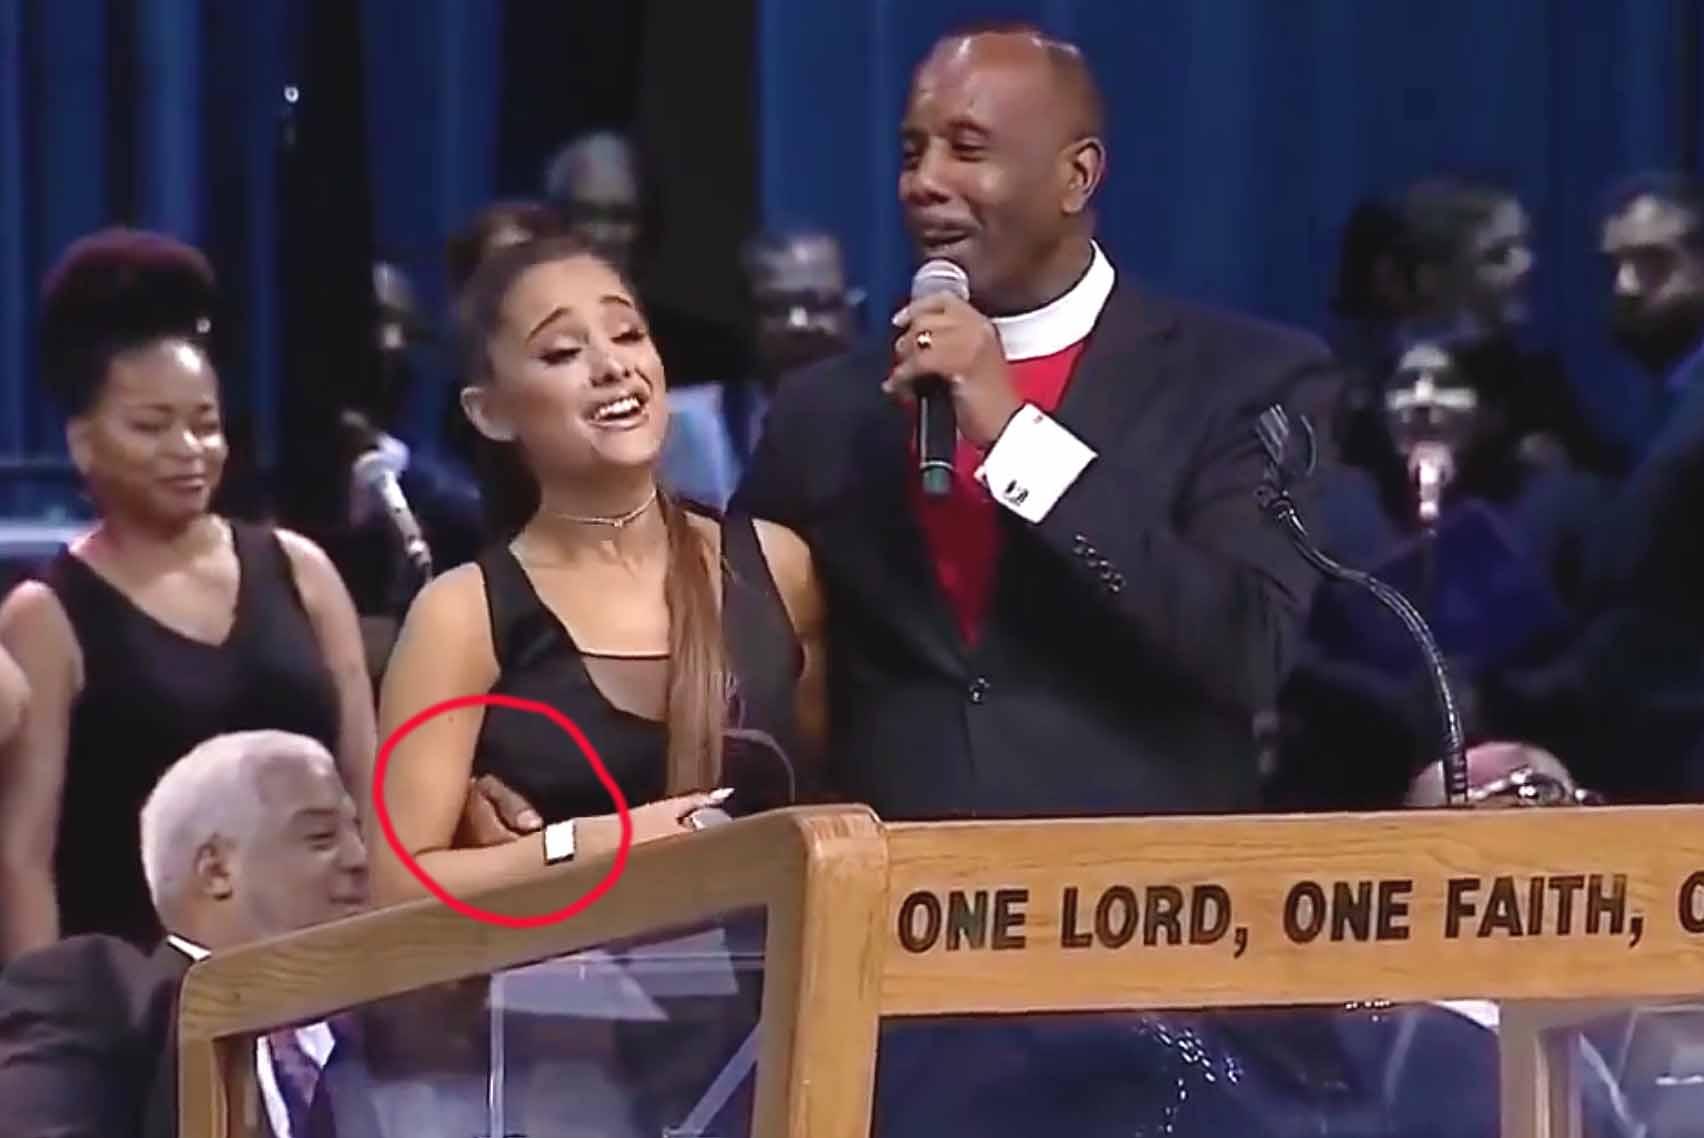 En el video se nota el gesto de incomodidad de Ariana y cómo trata de zafarse